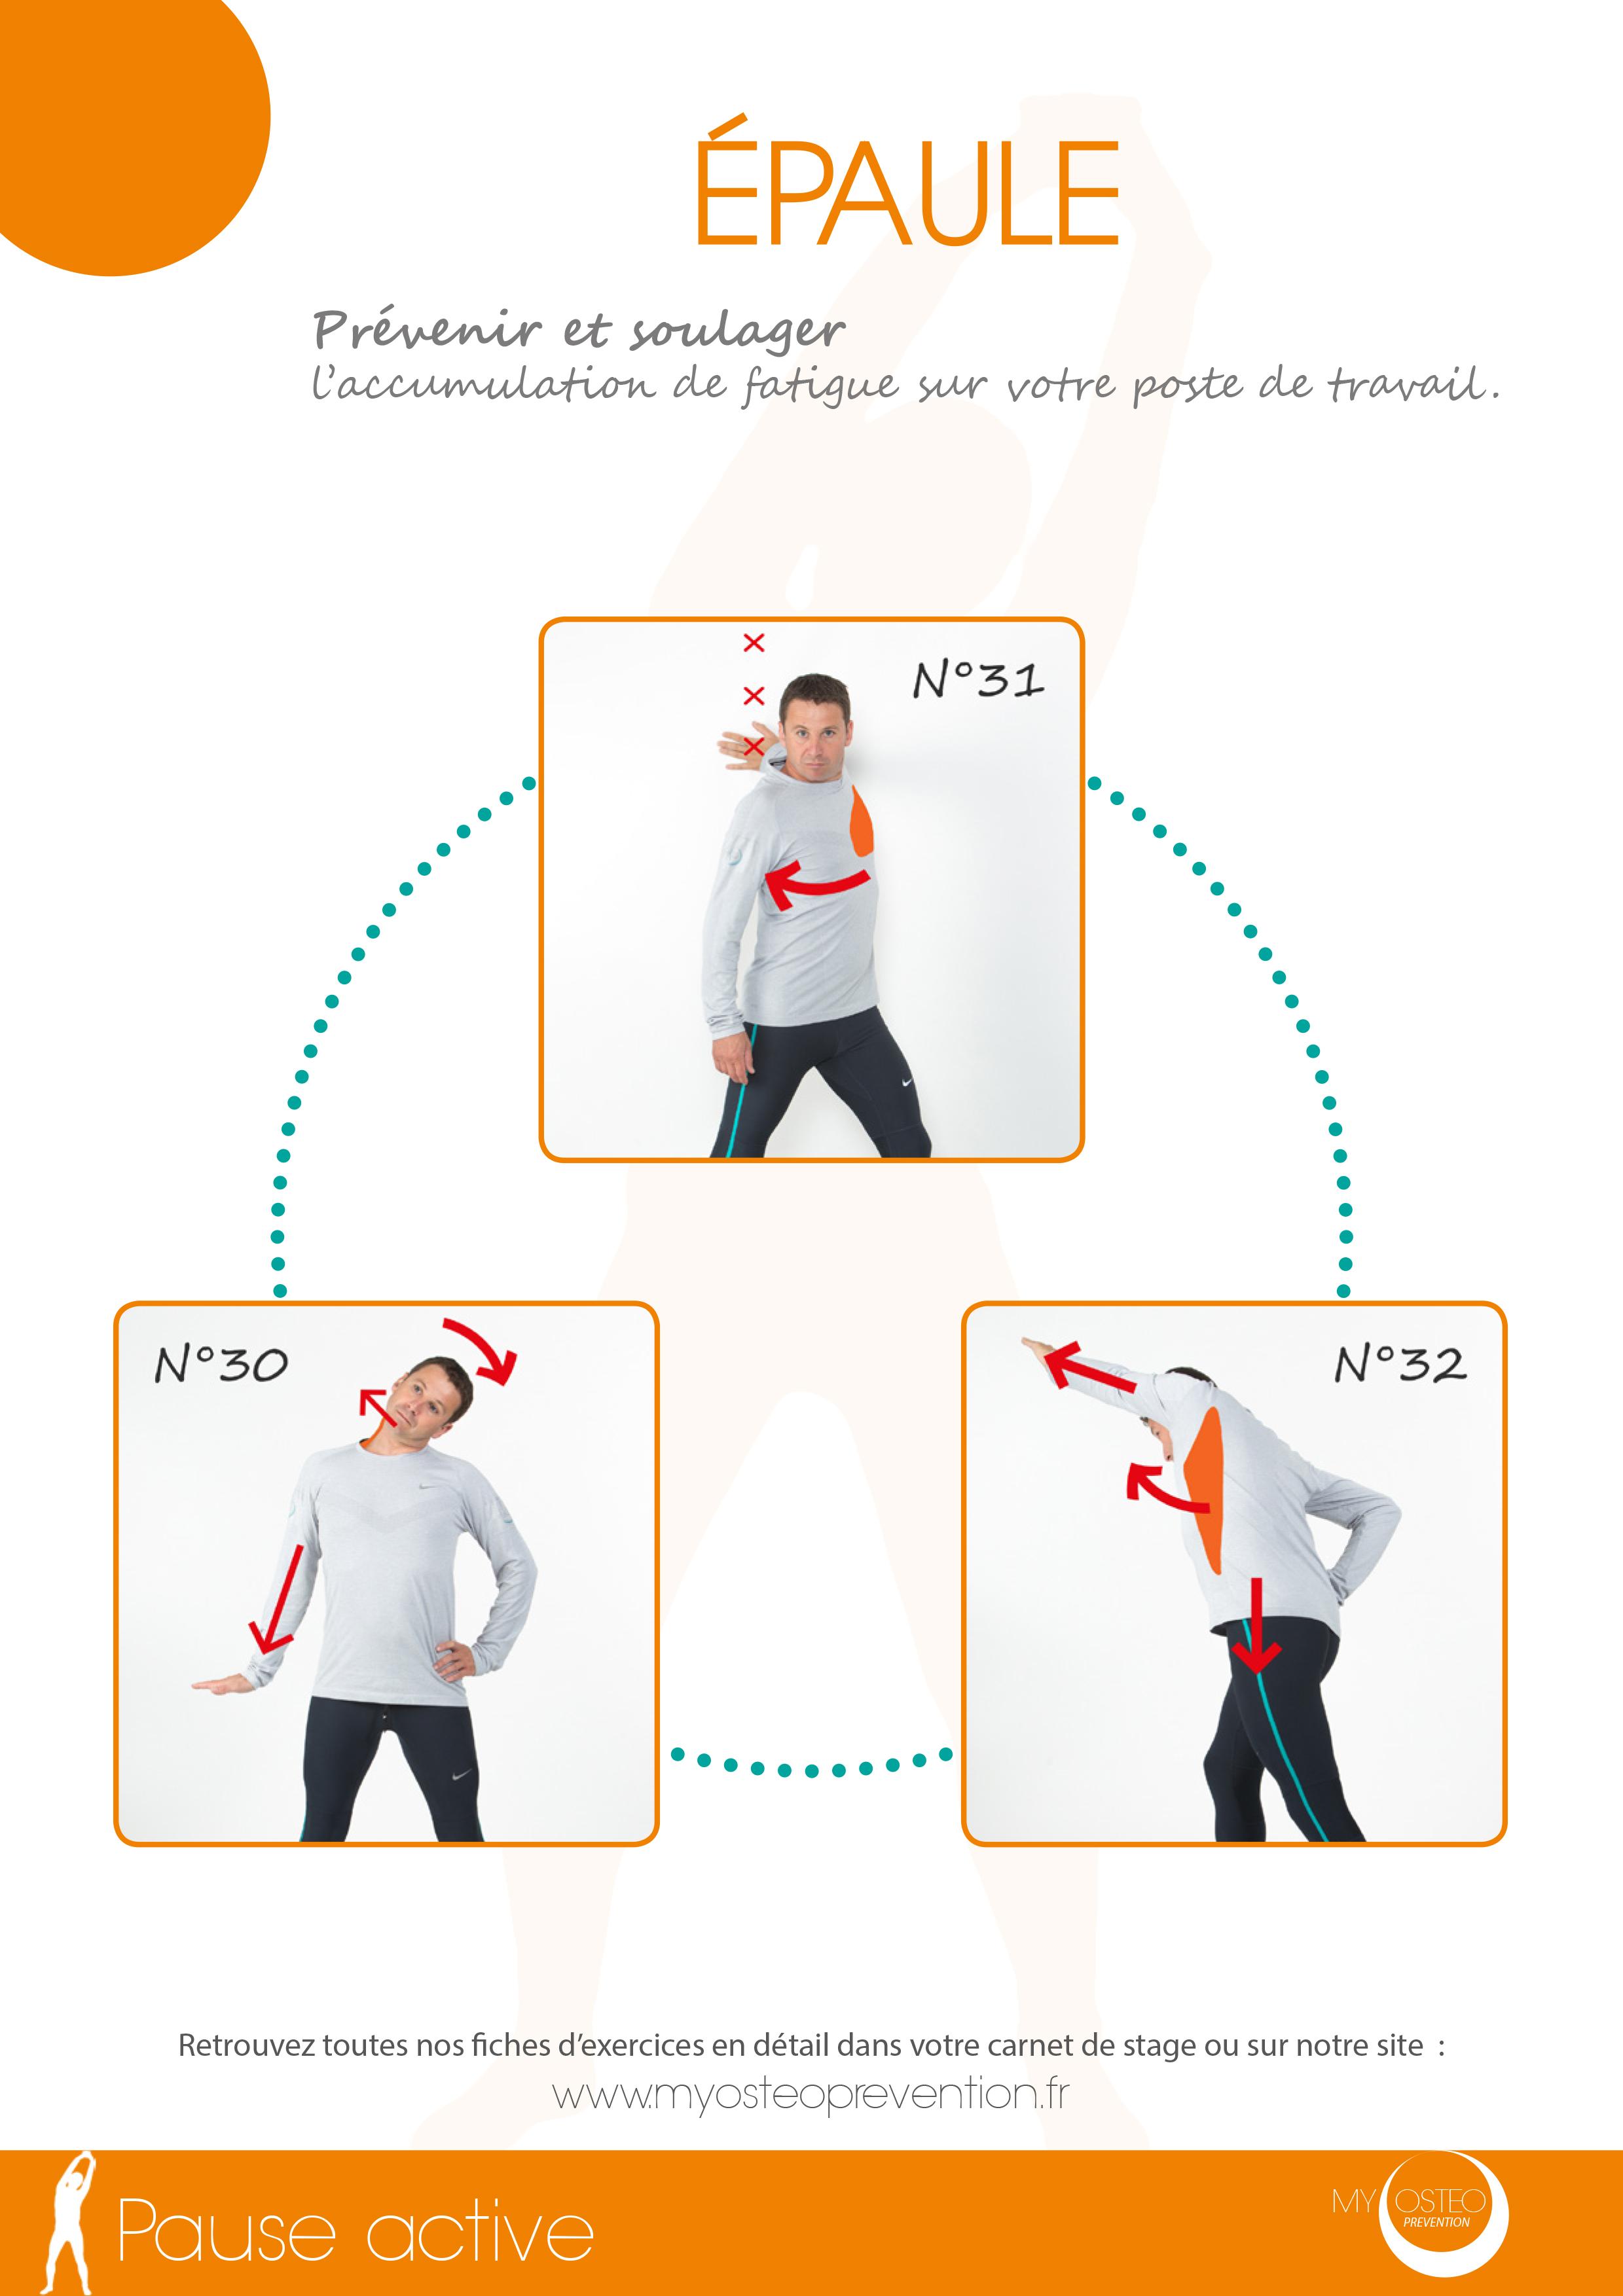 3-Pause Active Épaule